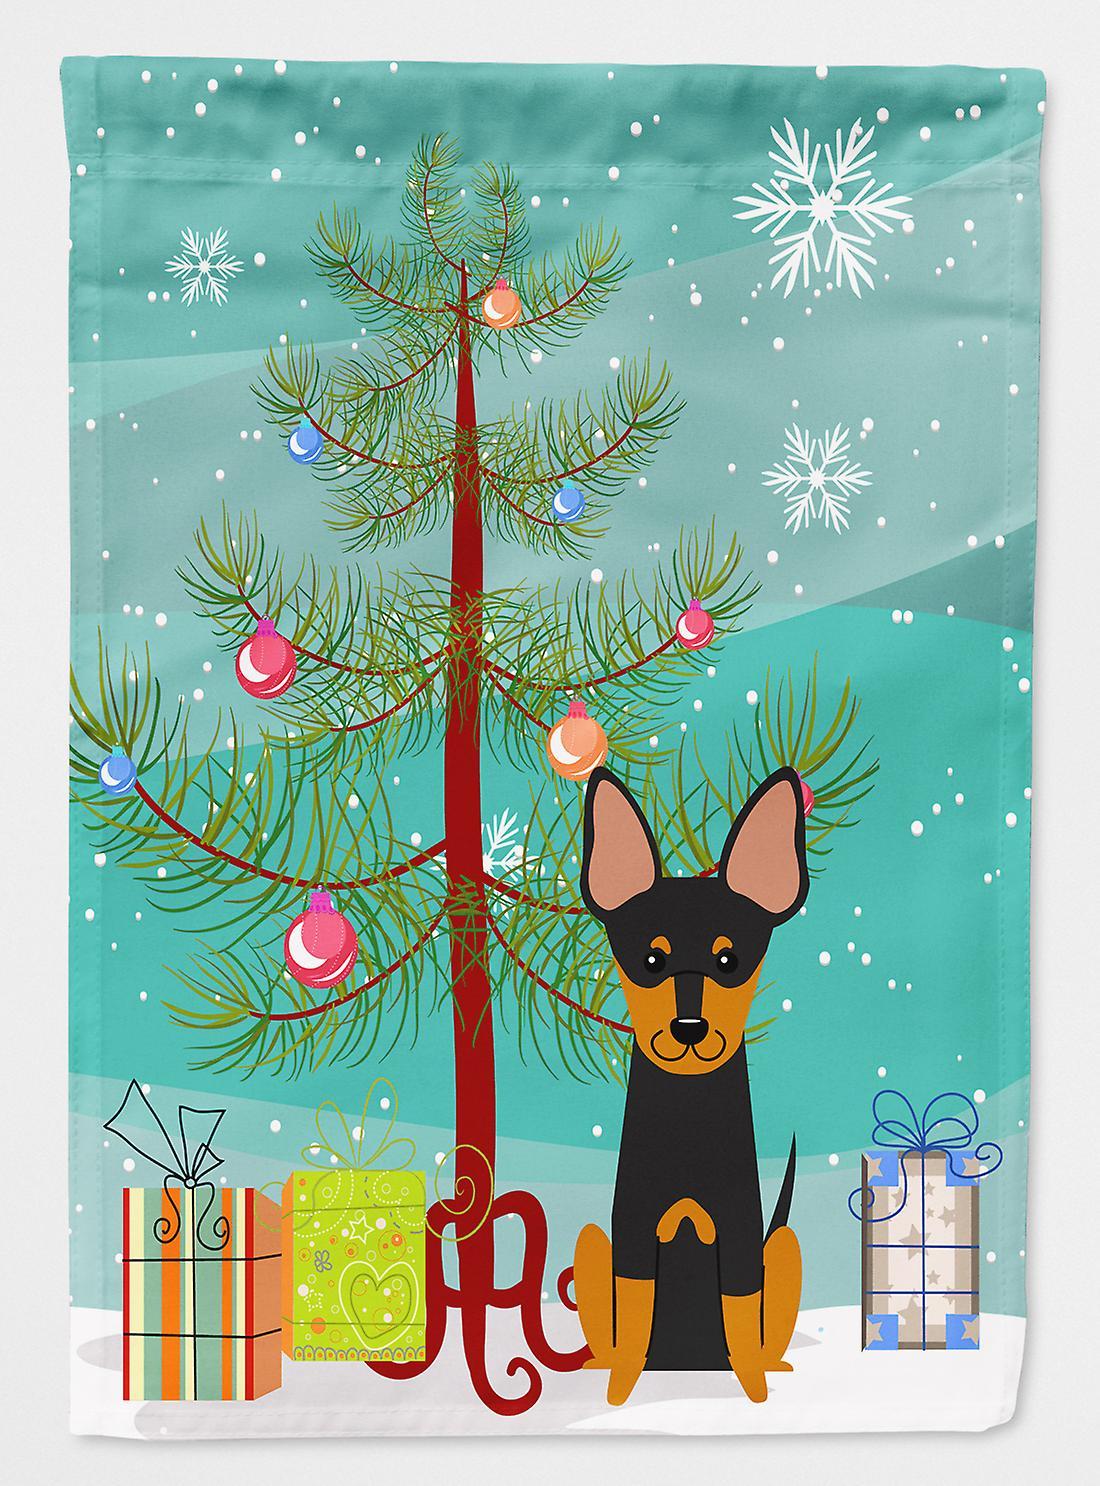 Frohe Weihnachten Englisch.Frohe Weihnachten Englisch Toy Terrier Flagge Baumgarten Größe